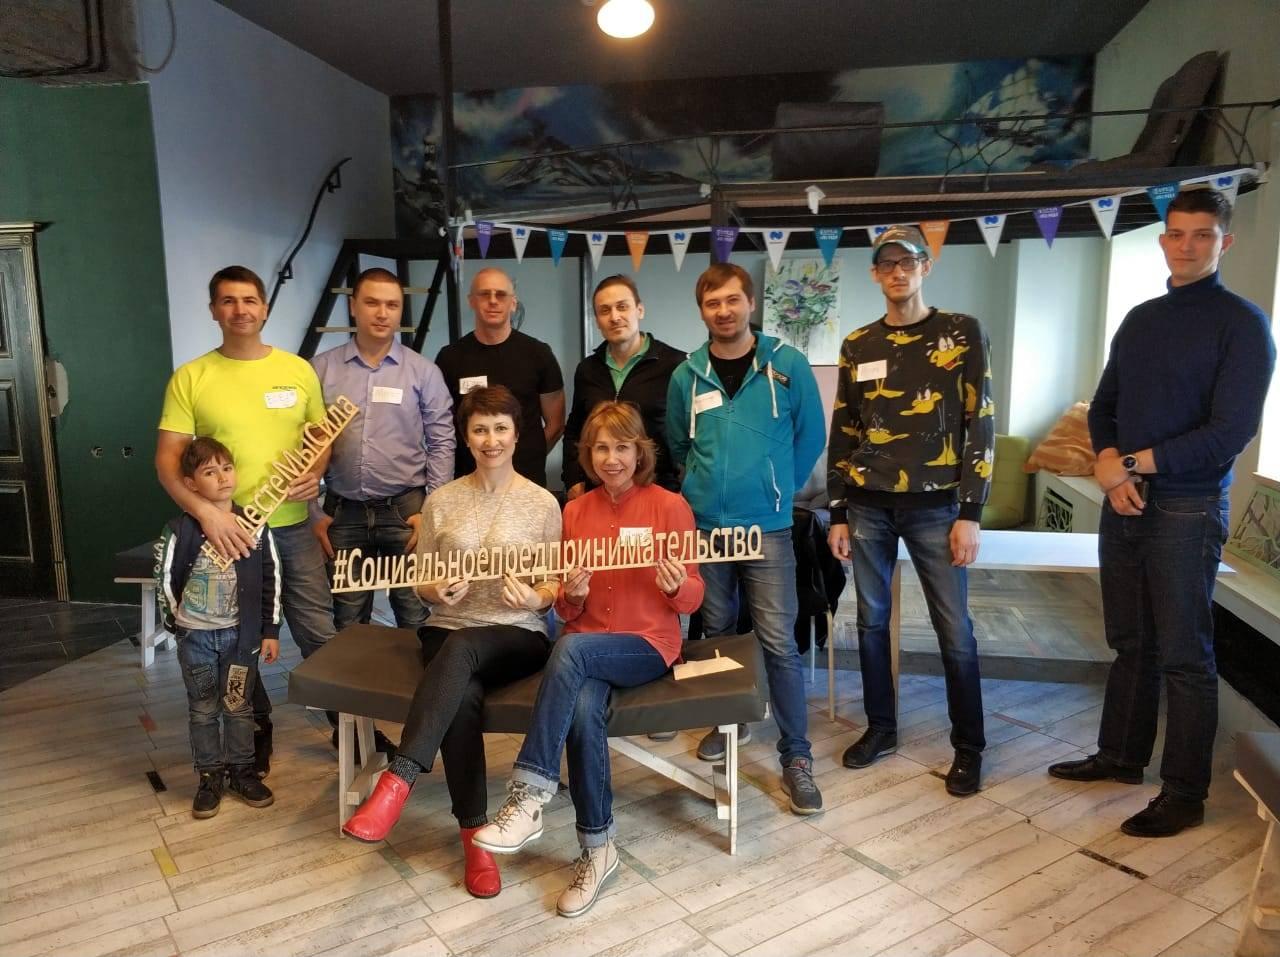 В Норильске состоялись бизнес-тренинги Клуба социальных предпринимателей.